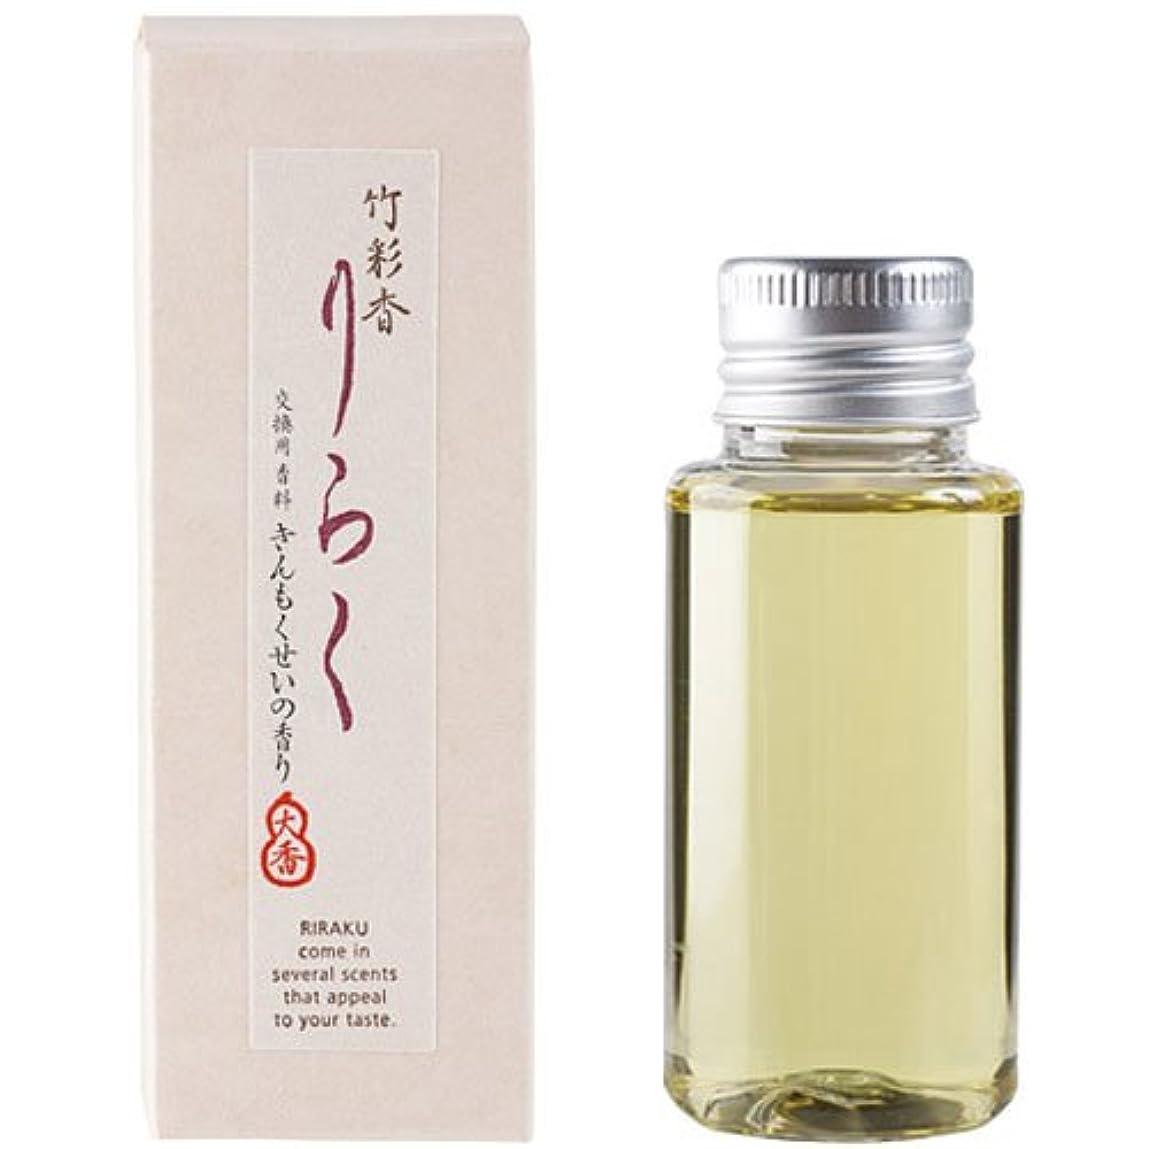 バイバイ冒険暫定竹彩香りらく 交換用香料きんもくせい 50ml